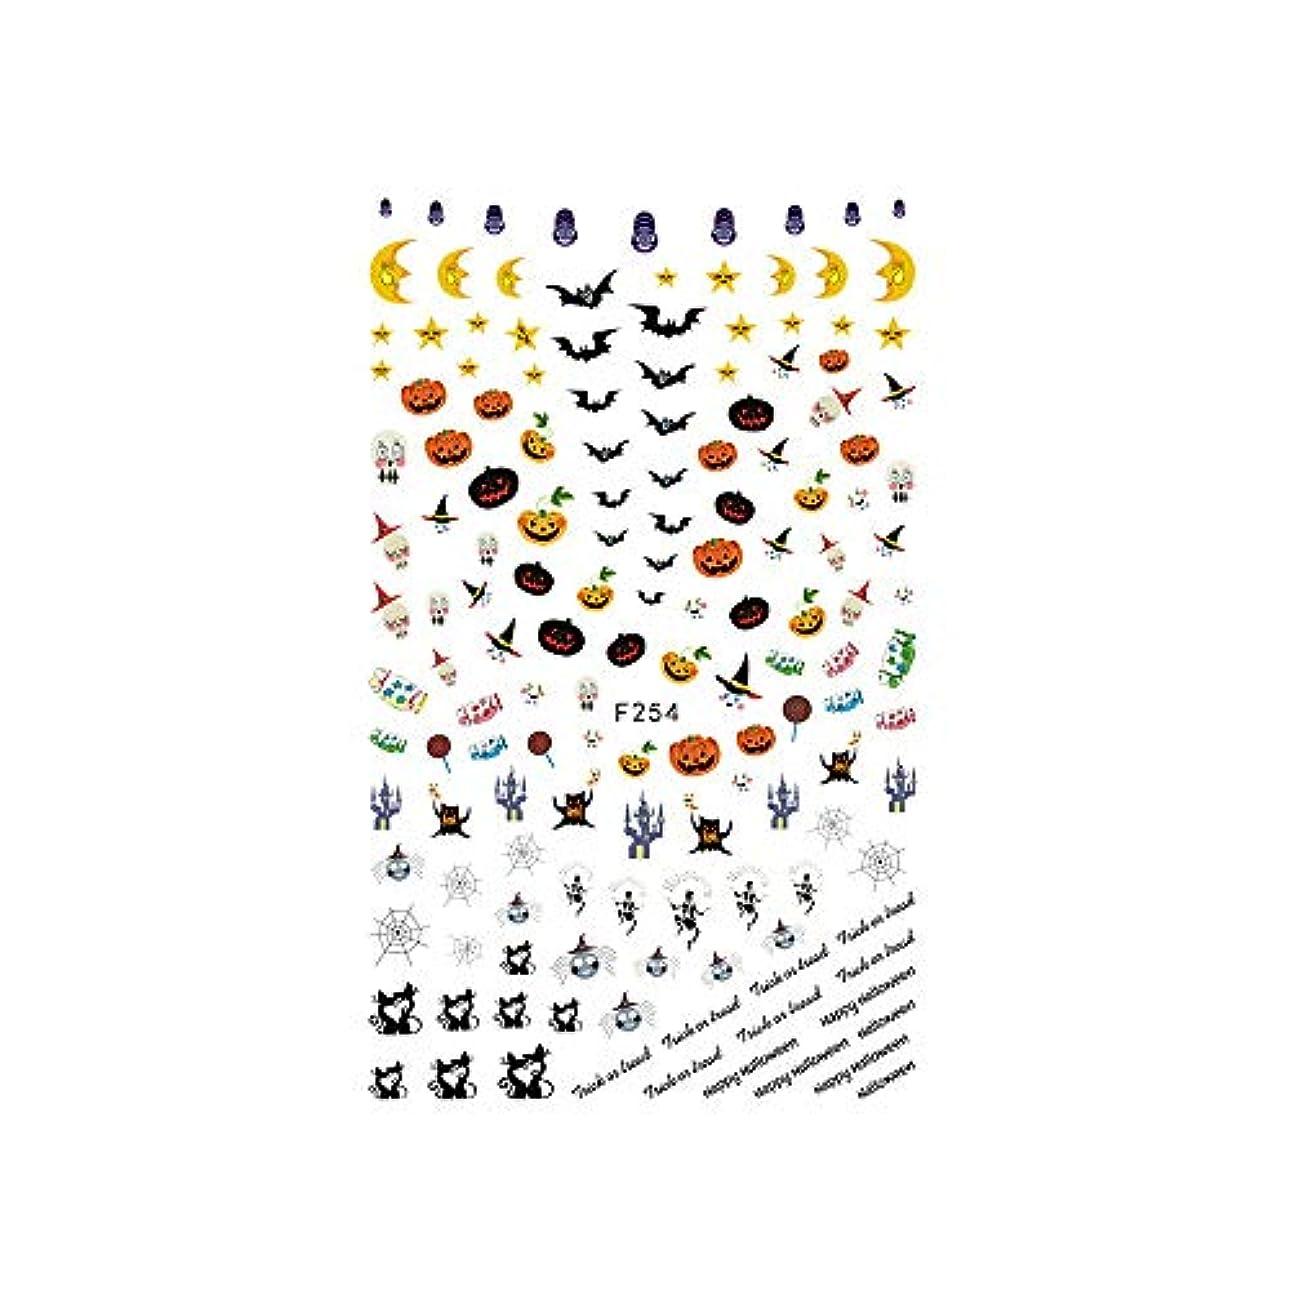 損失法的引き出すirogel イロジェル ネイルシール ハロウィンバラエティシール 【F254】ハロウィン ランタン おばけ スカル スパイダー 魔女